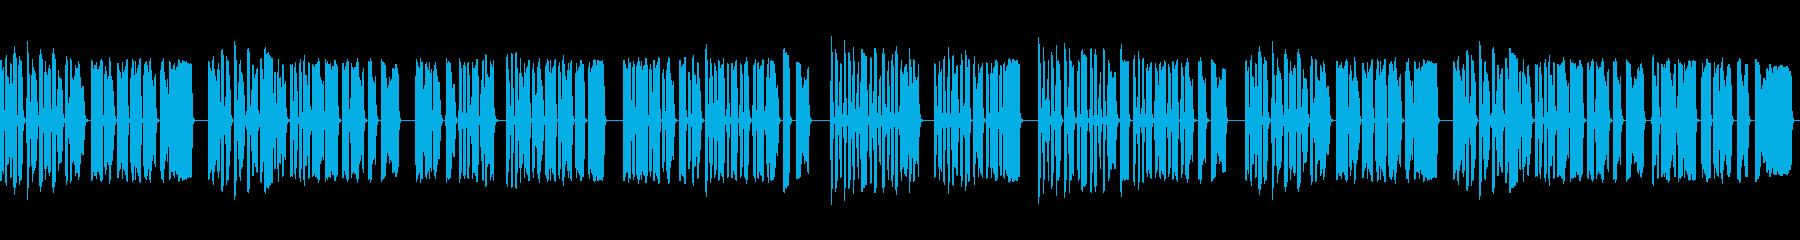 小学生の笛2の再生済みの波形